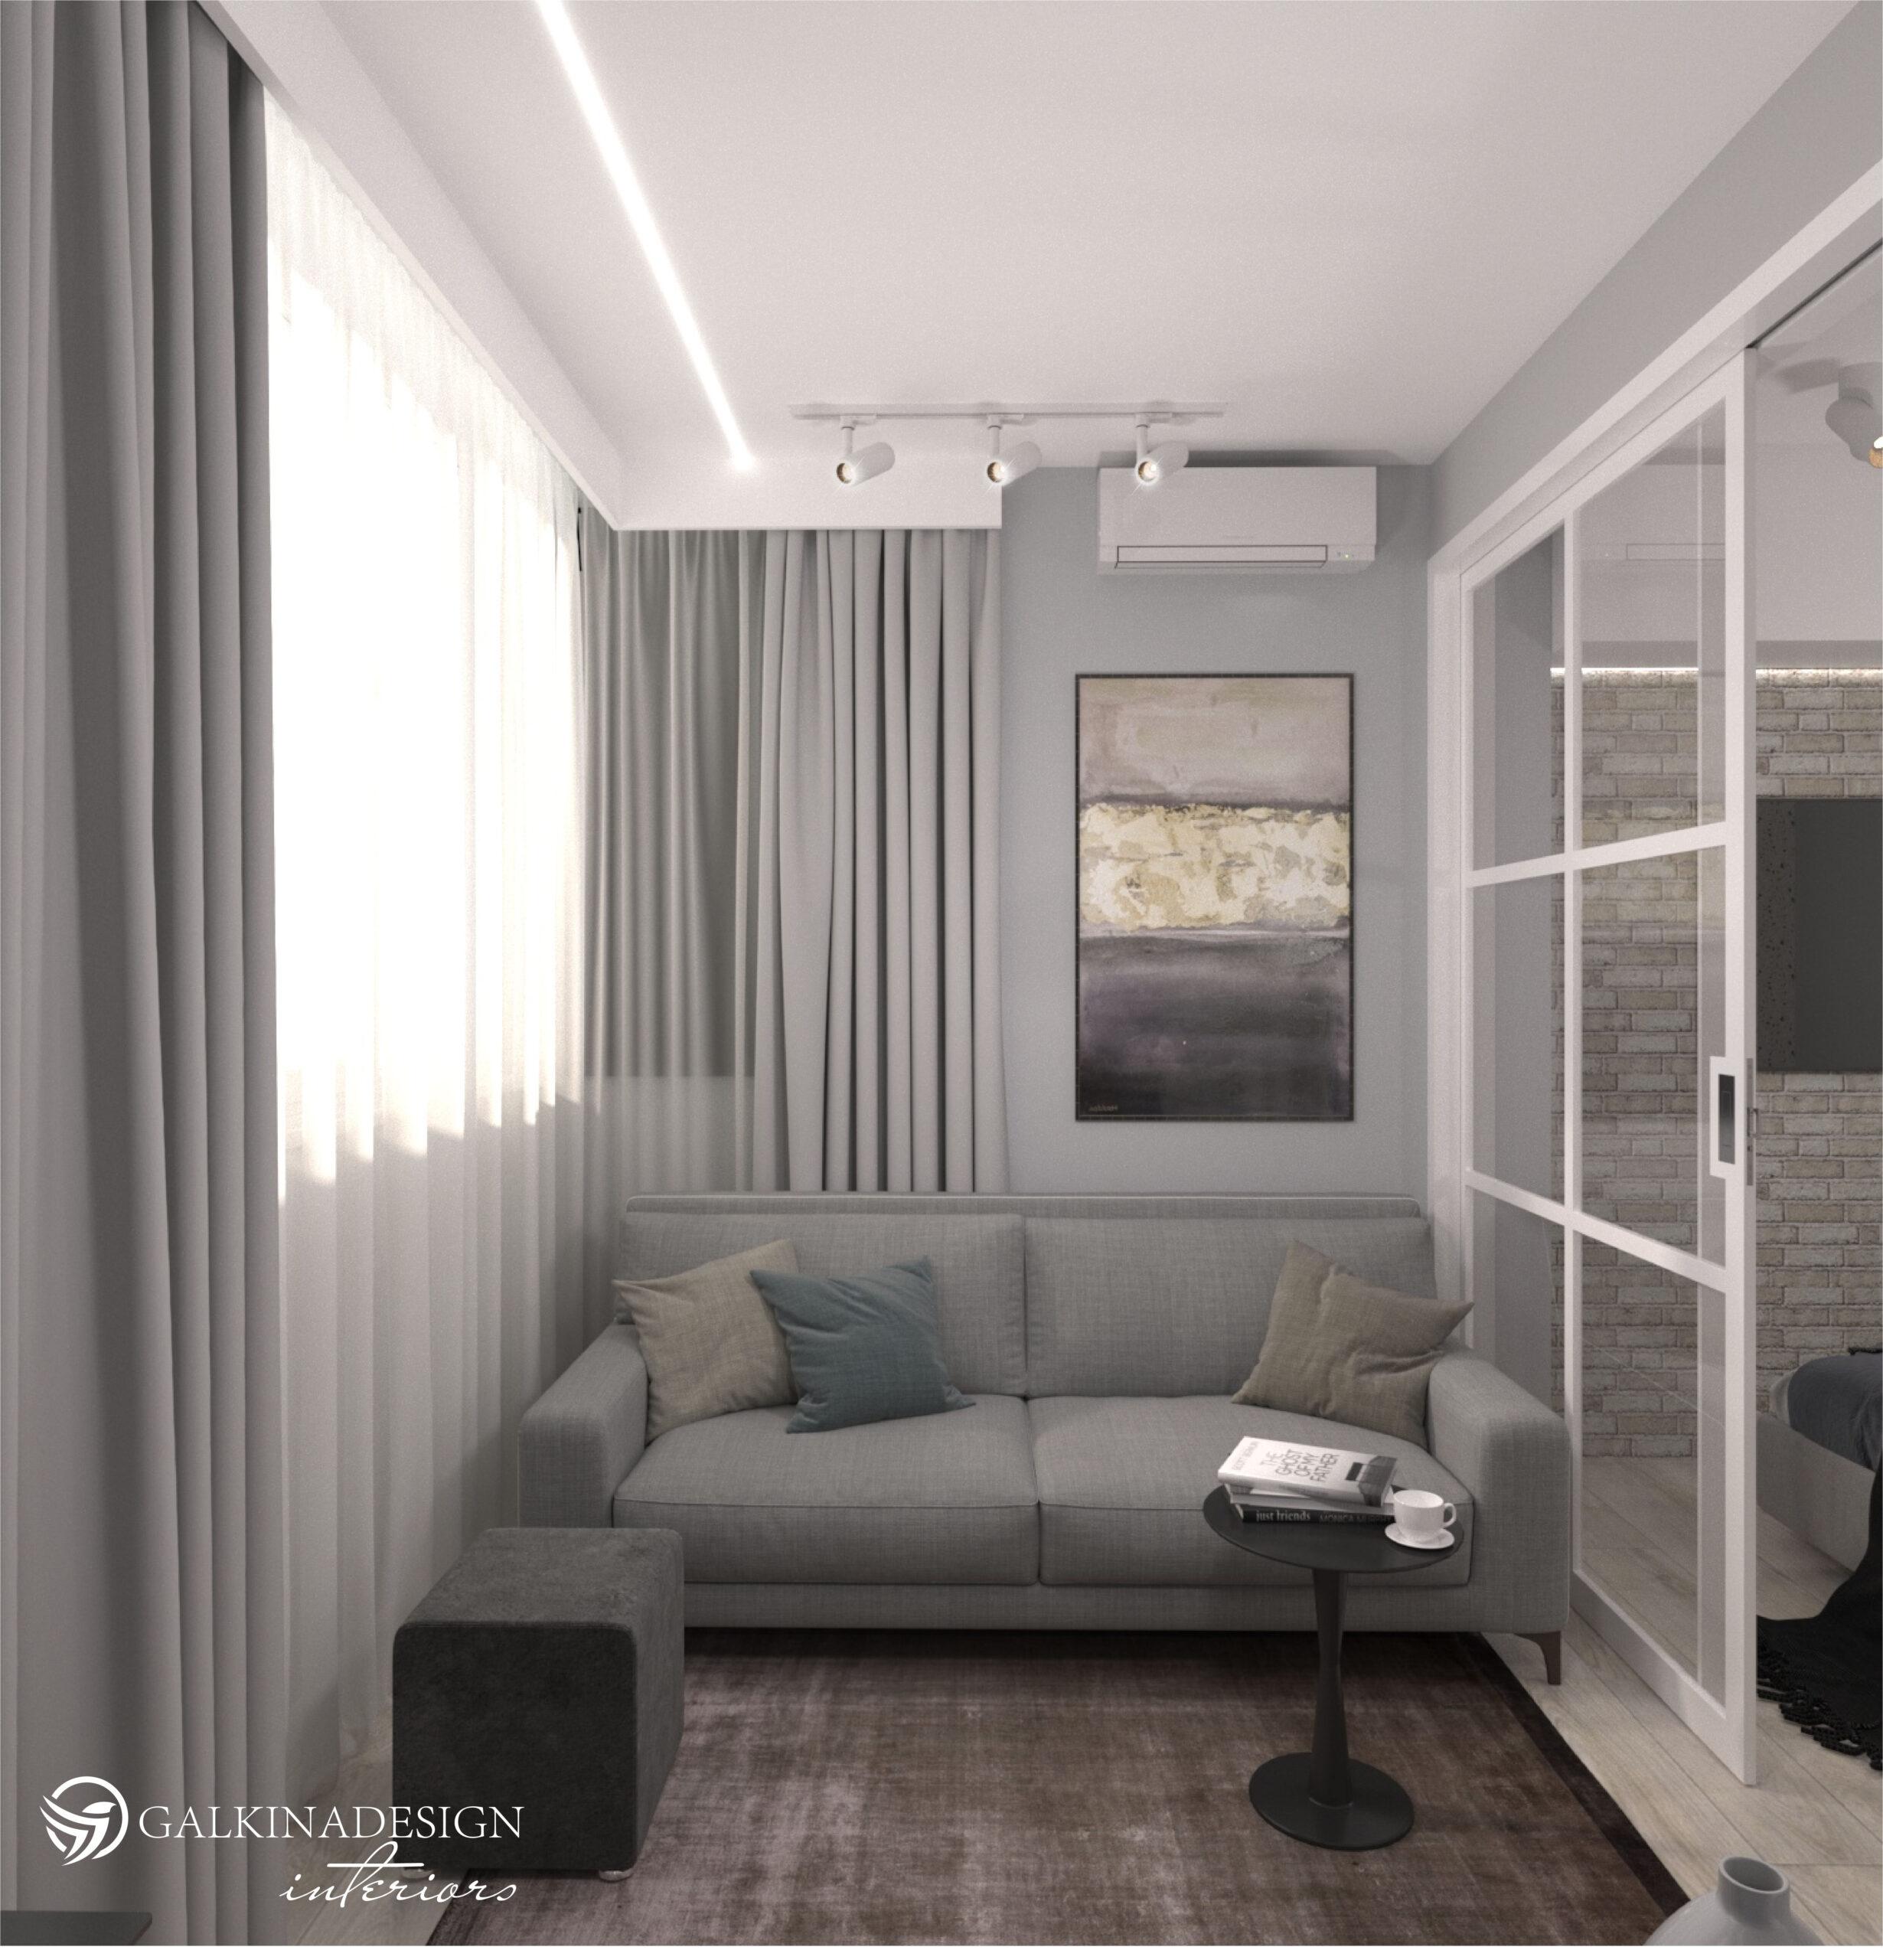 Проект квартири 47,5 кв.м по вул. Проскуровського Підпілля 165а - фото 10